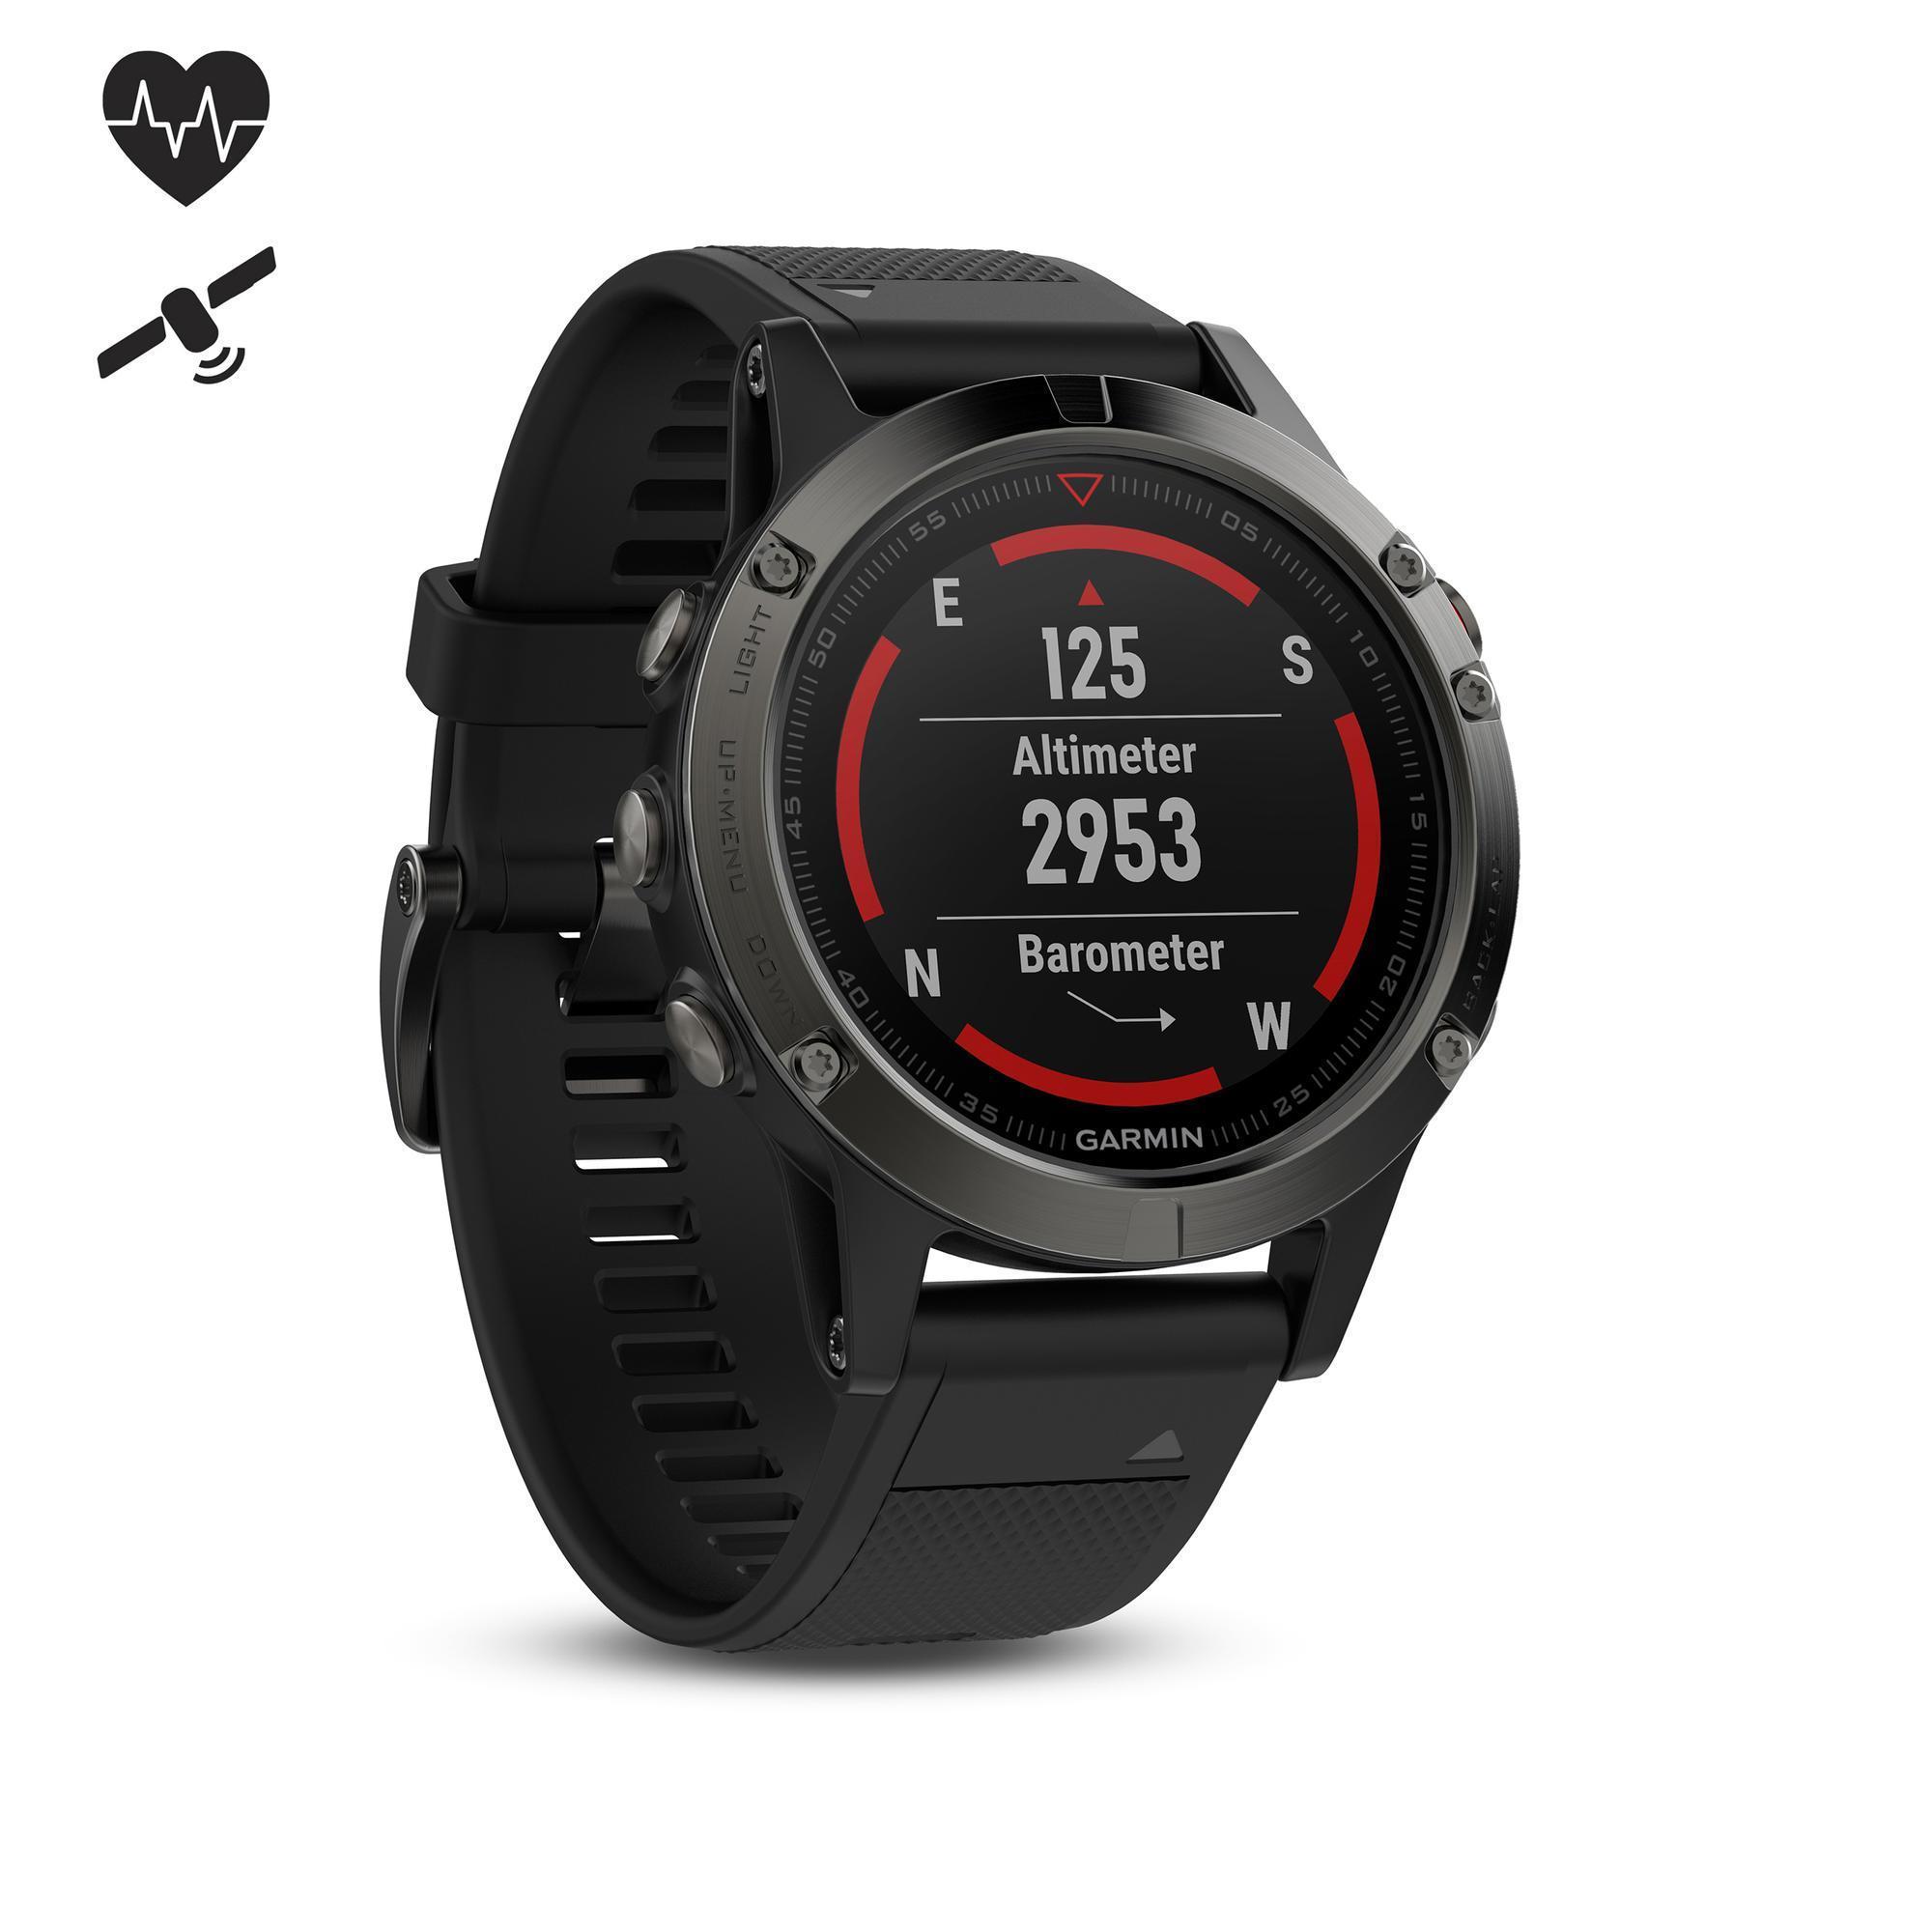 GPS-Pulsuhr Fnix 5 Multisport HRM grau/schwarzes Armband